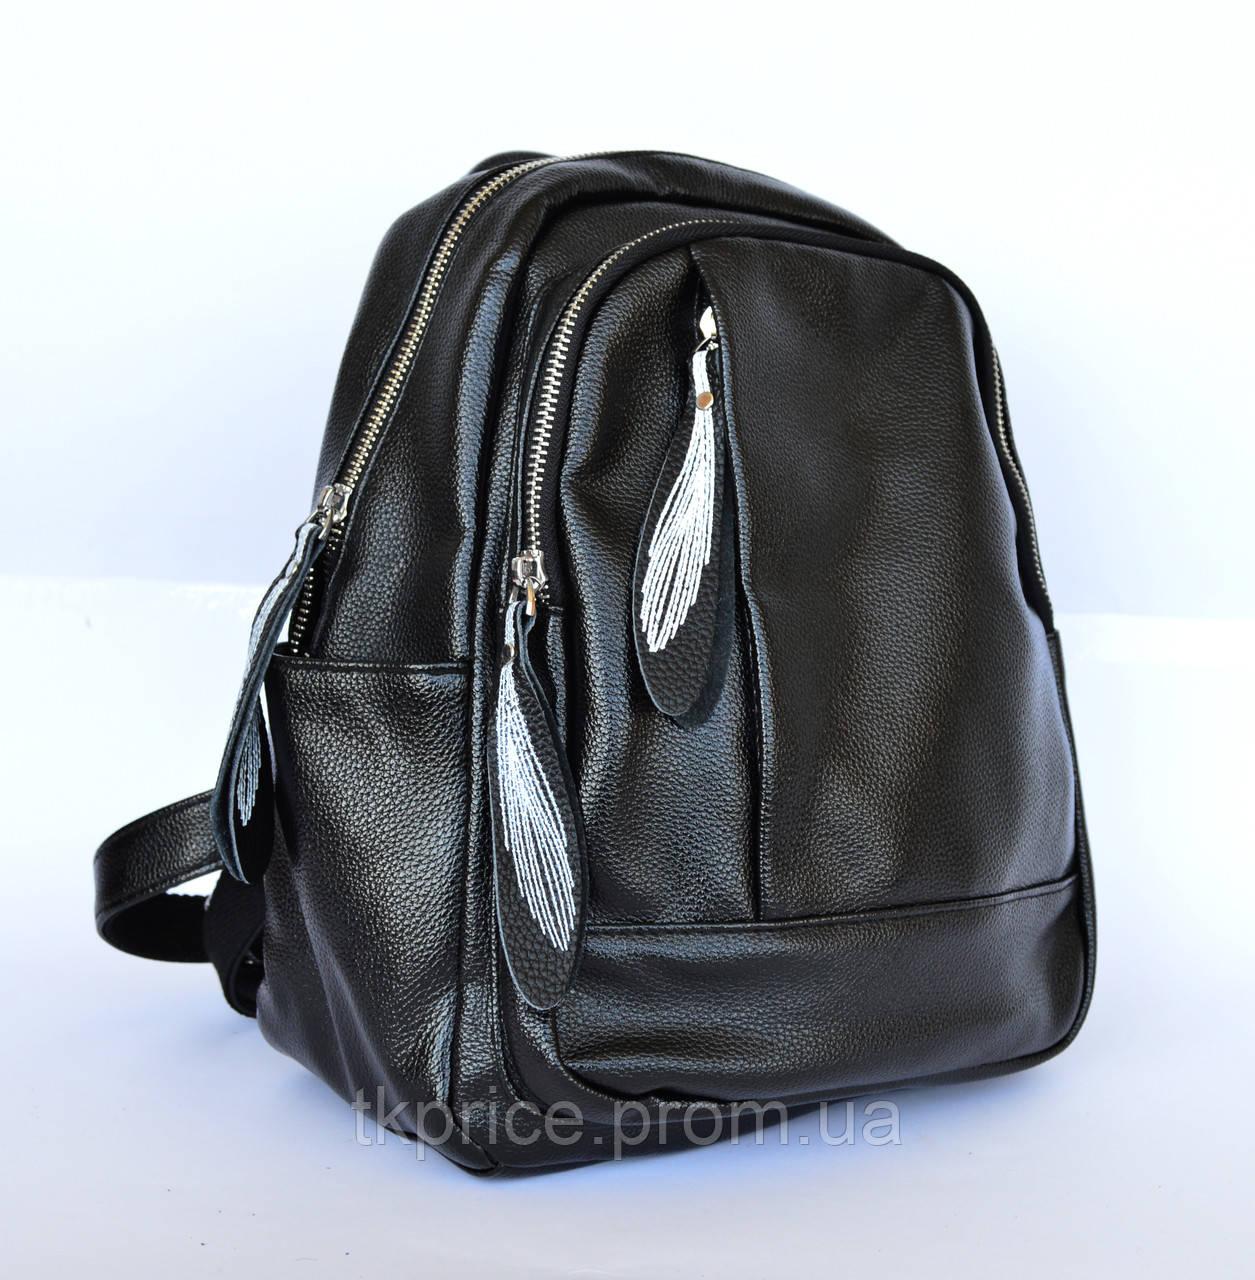 Стильный качественный рюкзак с эко-кожи  468